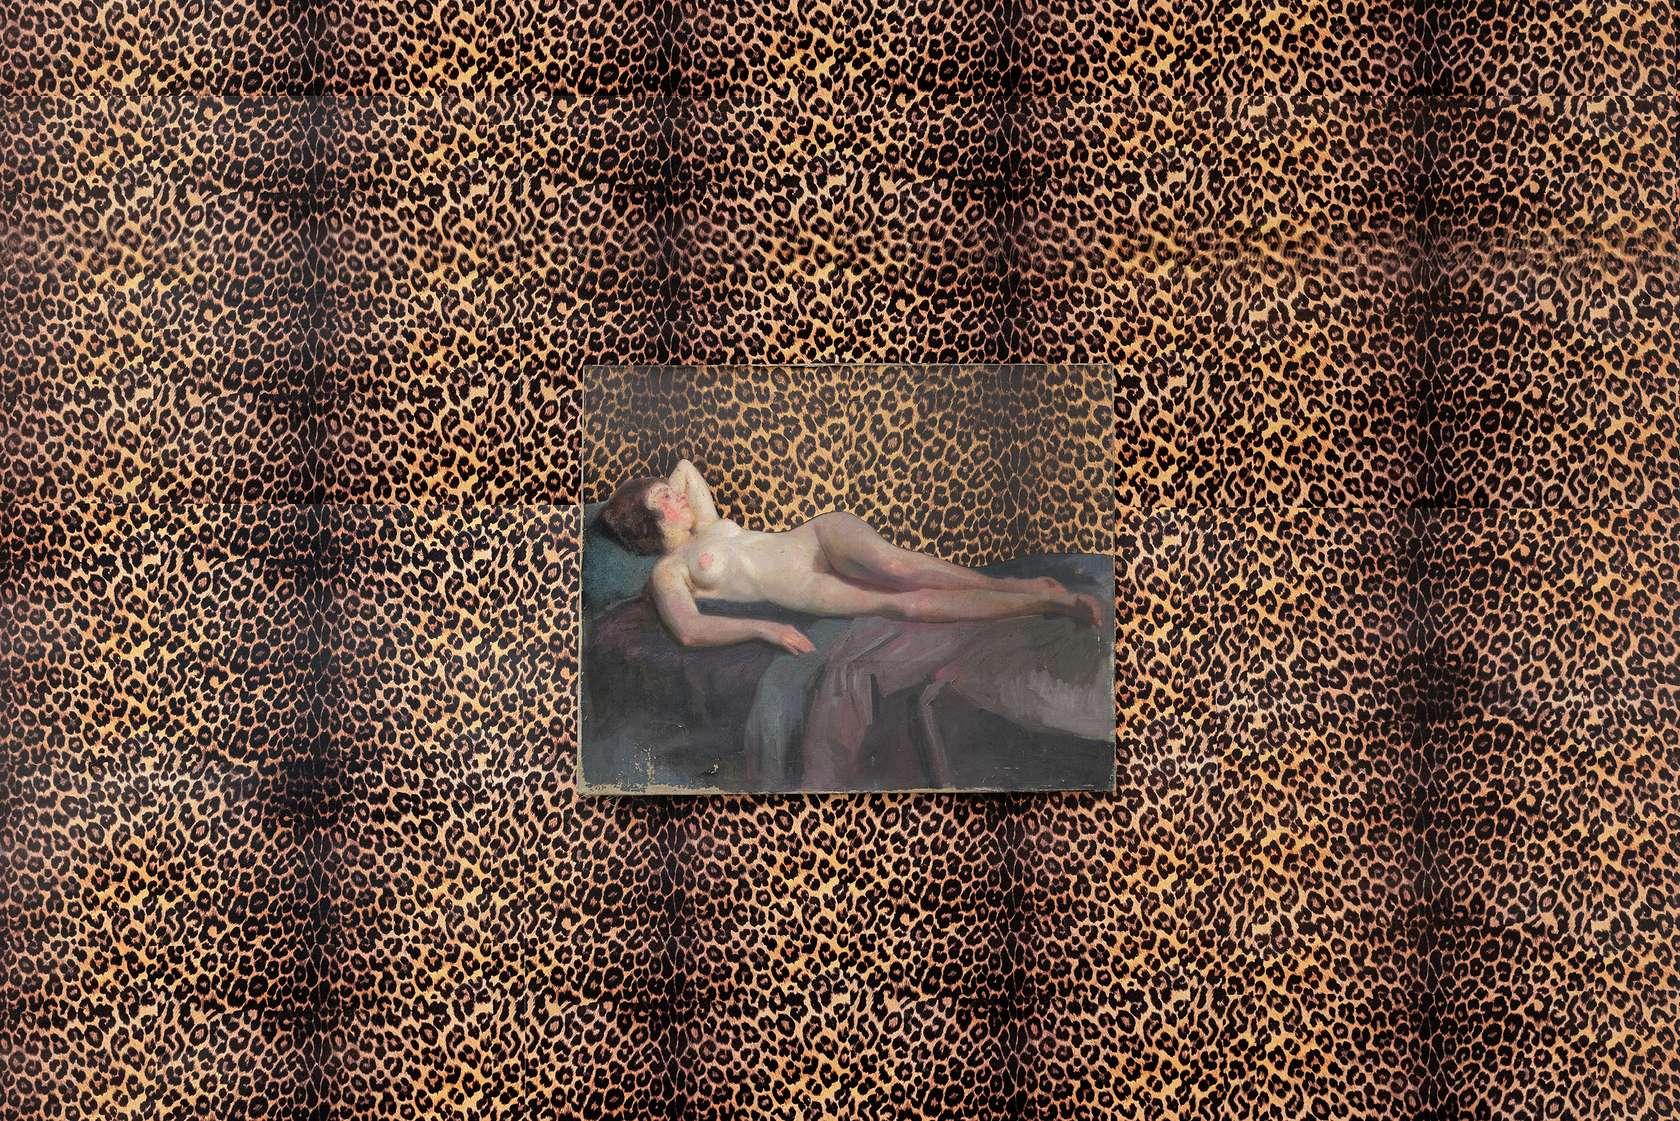 Présence Panchounette, Paradigme d'Olympia, 1984 Collage sur tableau et papier peint64.5 × 80 cm / 25 3/8 × 31 1/2 in.